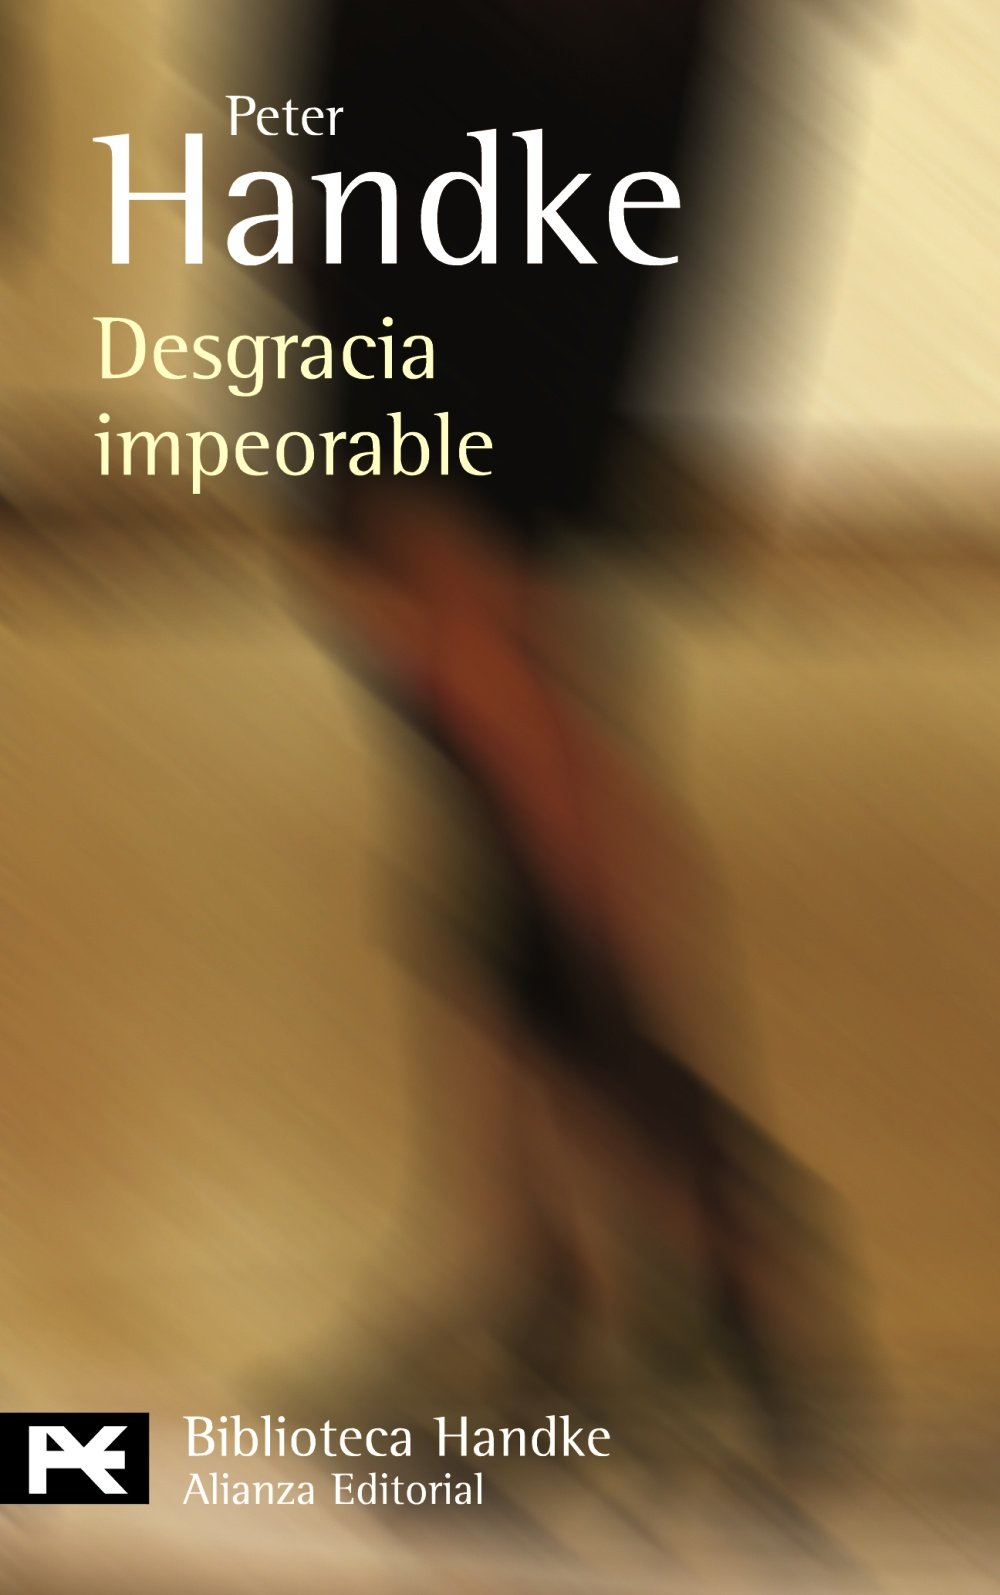 Desgracia impeorable: Relato El Libro De Bolsillo - Bibliotecas De Autor - Biblioteca Handke: Amazon.es: Handke, Peter, Barjau Riu, Eustaquio: Libros